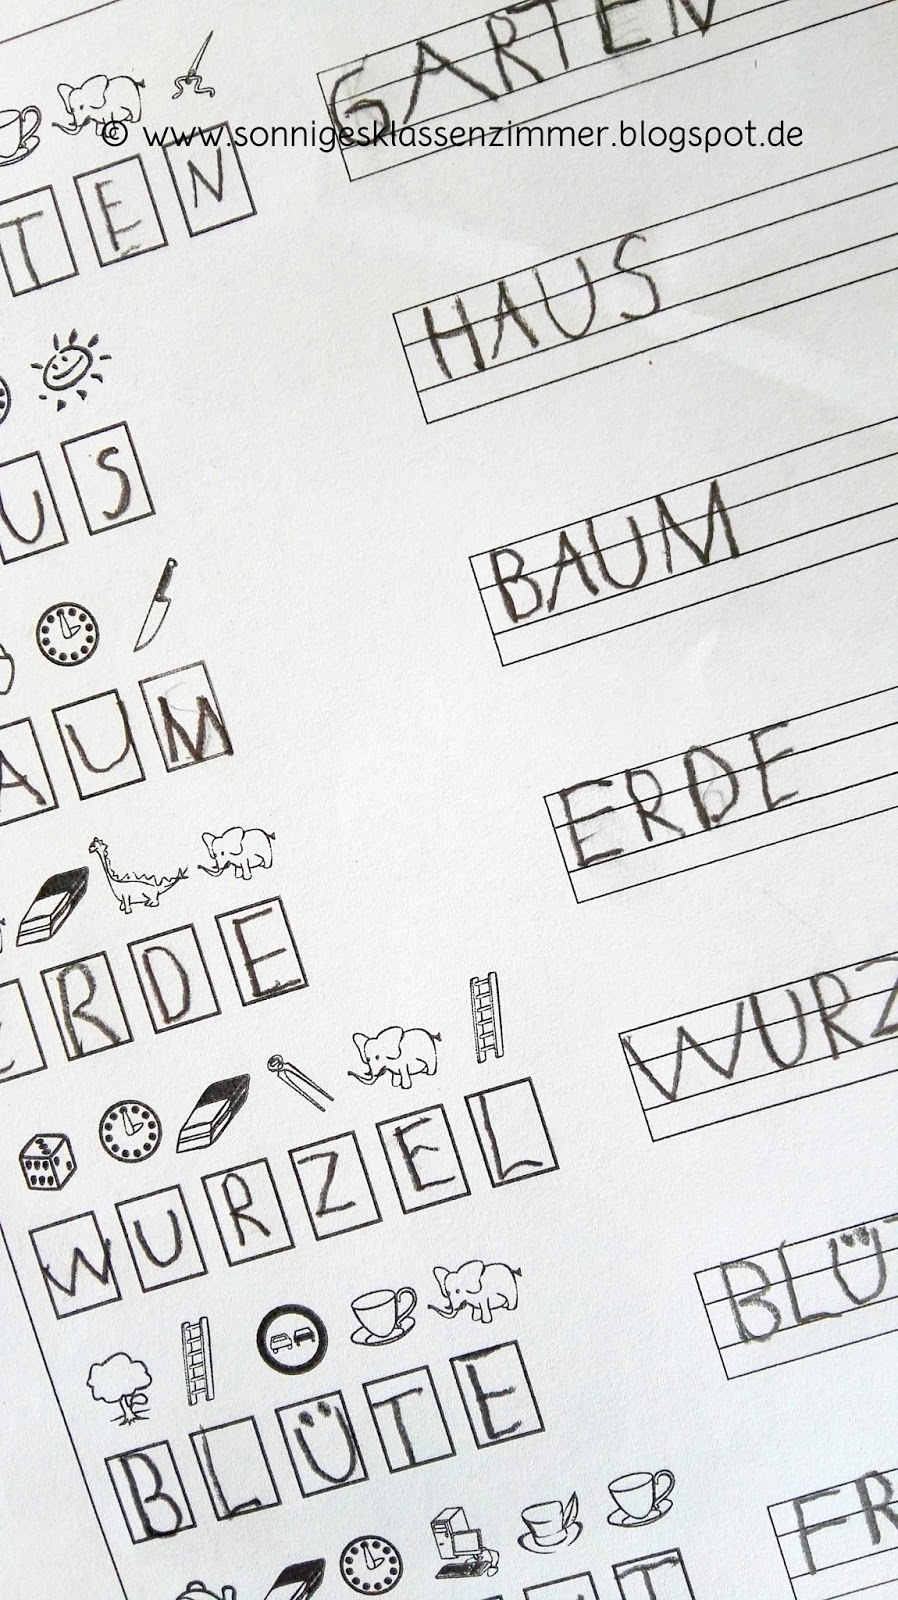 Gemütlich Titelvorlagen Für Bewegung Ideen - Entry Level Resume ...